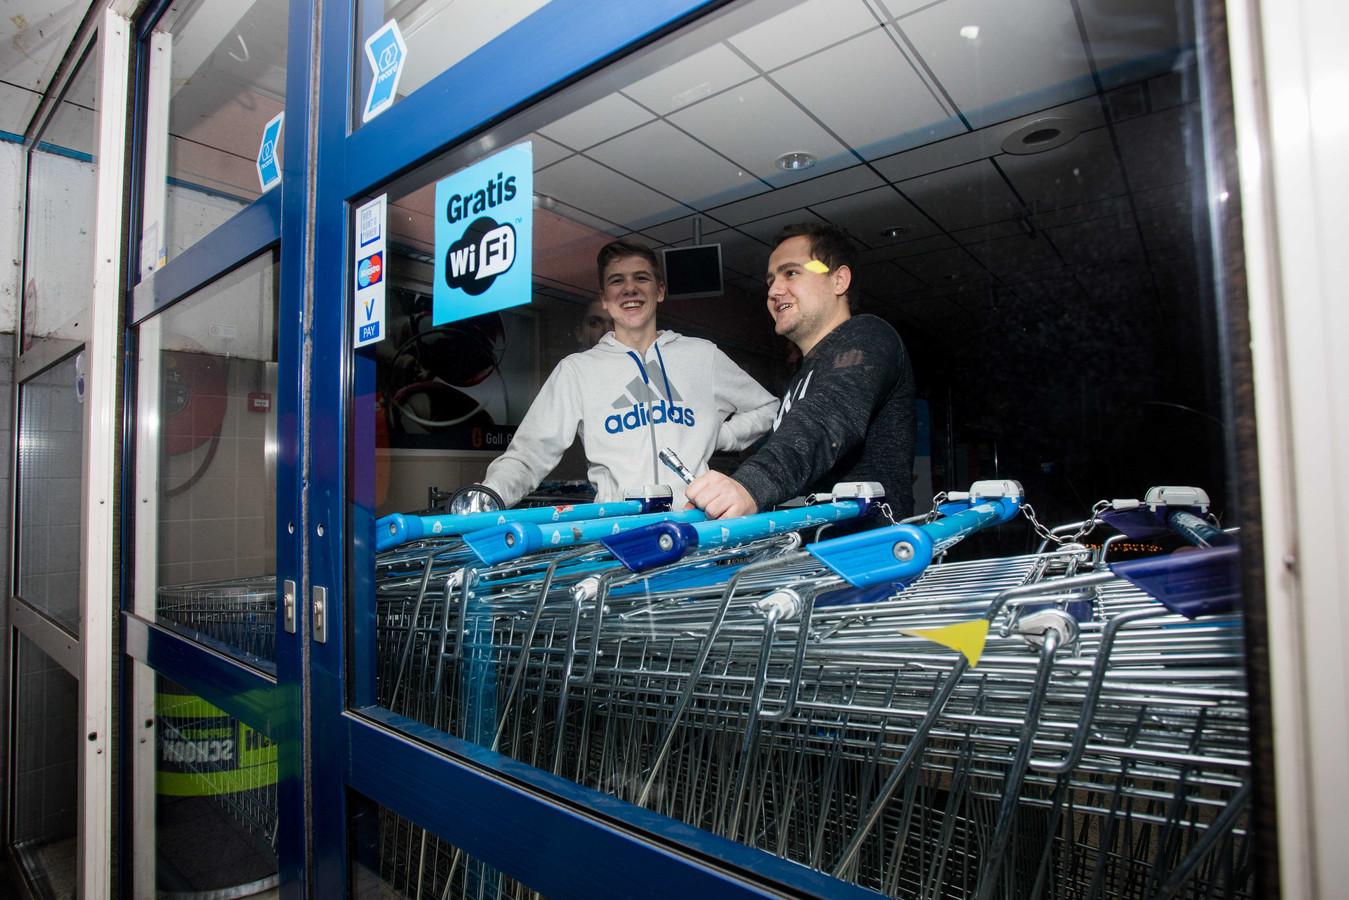 Medewerkers van een Albert Heijn hebben de deur van de winkel gebarricadeerd met winkelwagentjes om te voorkomen dat mensen de winkel binnenkomen.